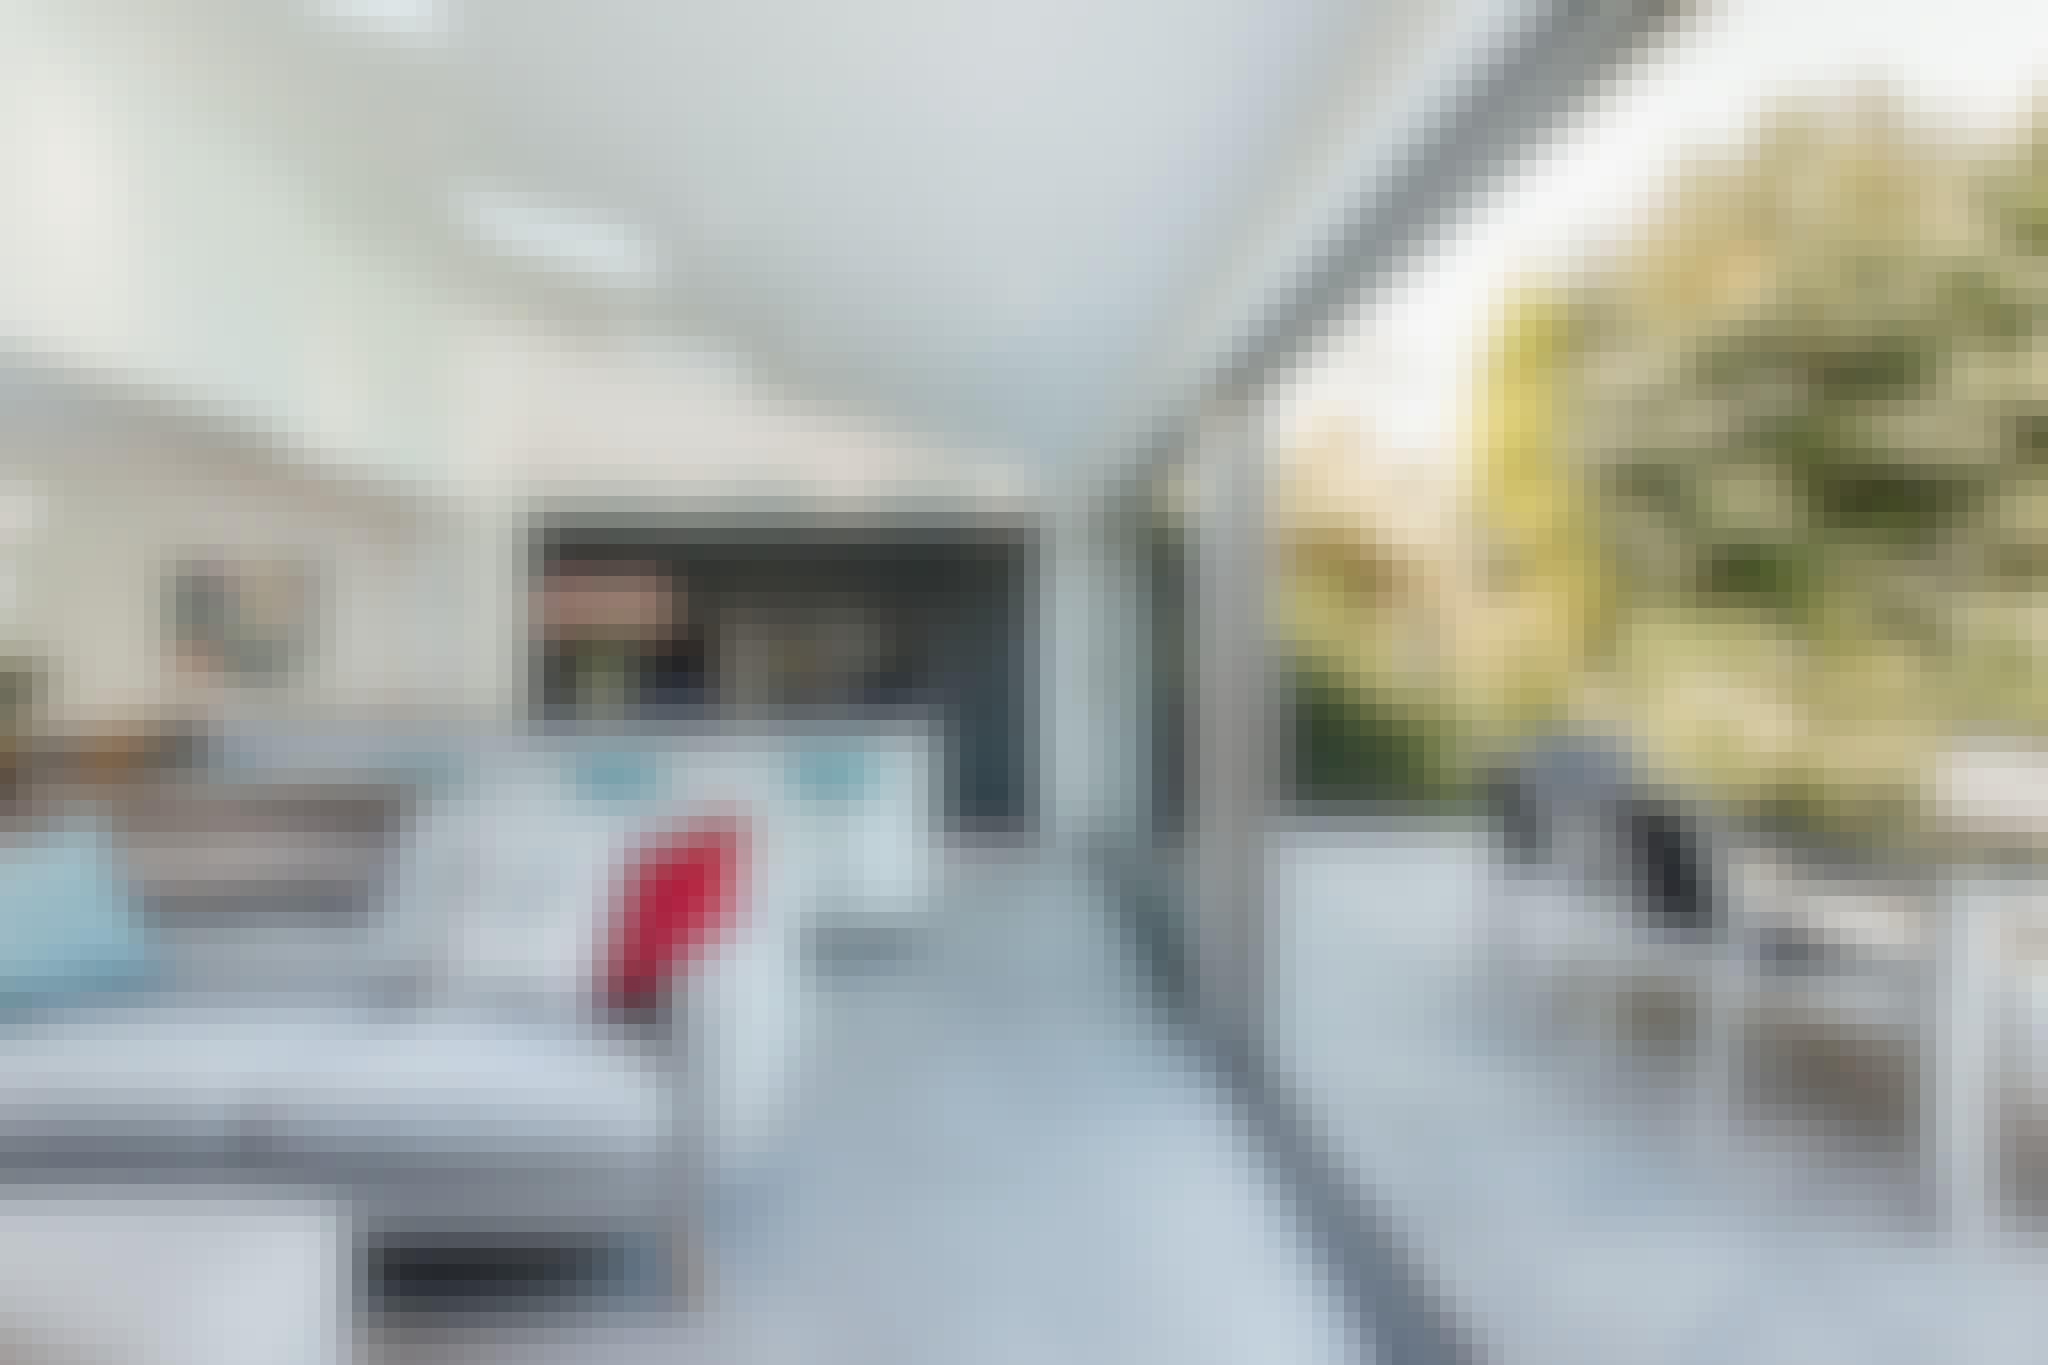 cero minimal framed opening glass walls